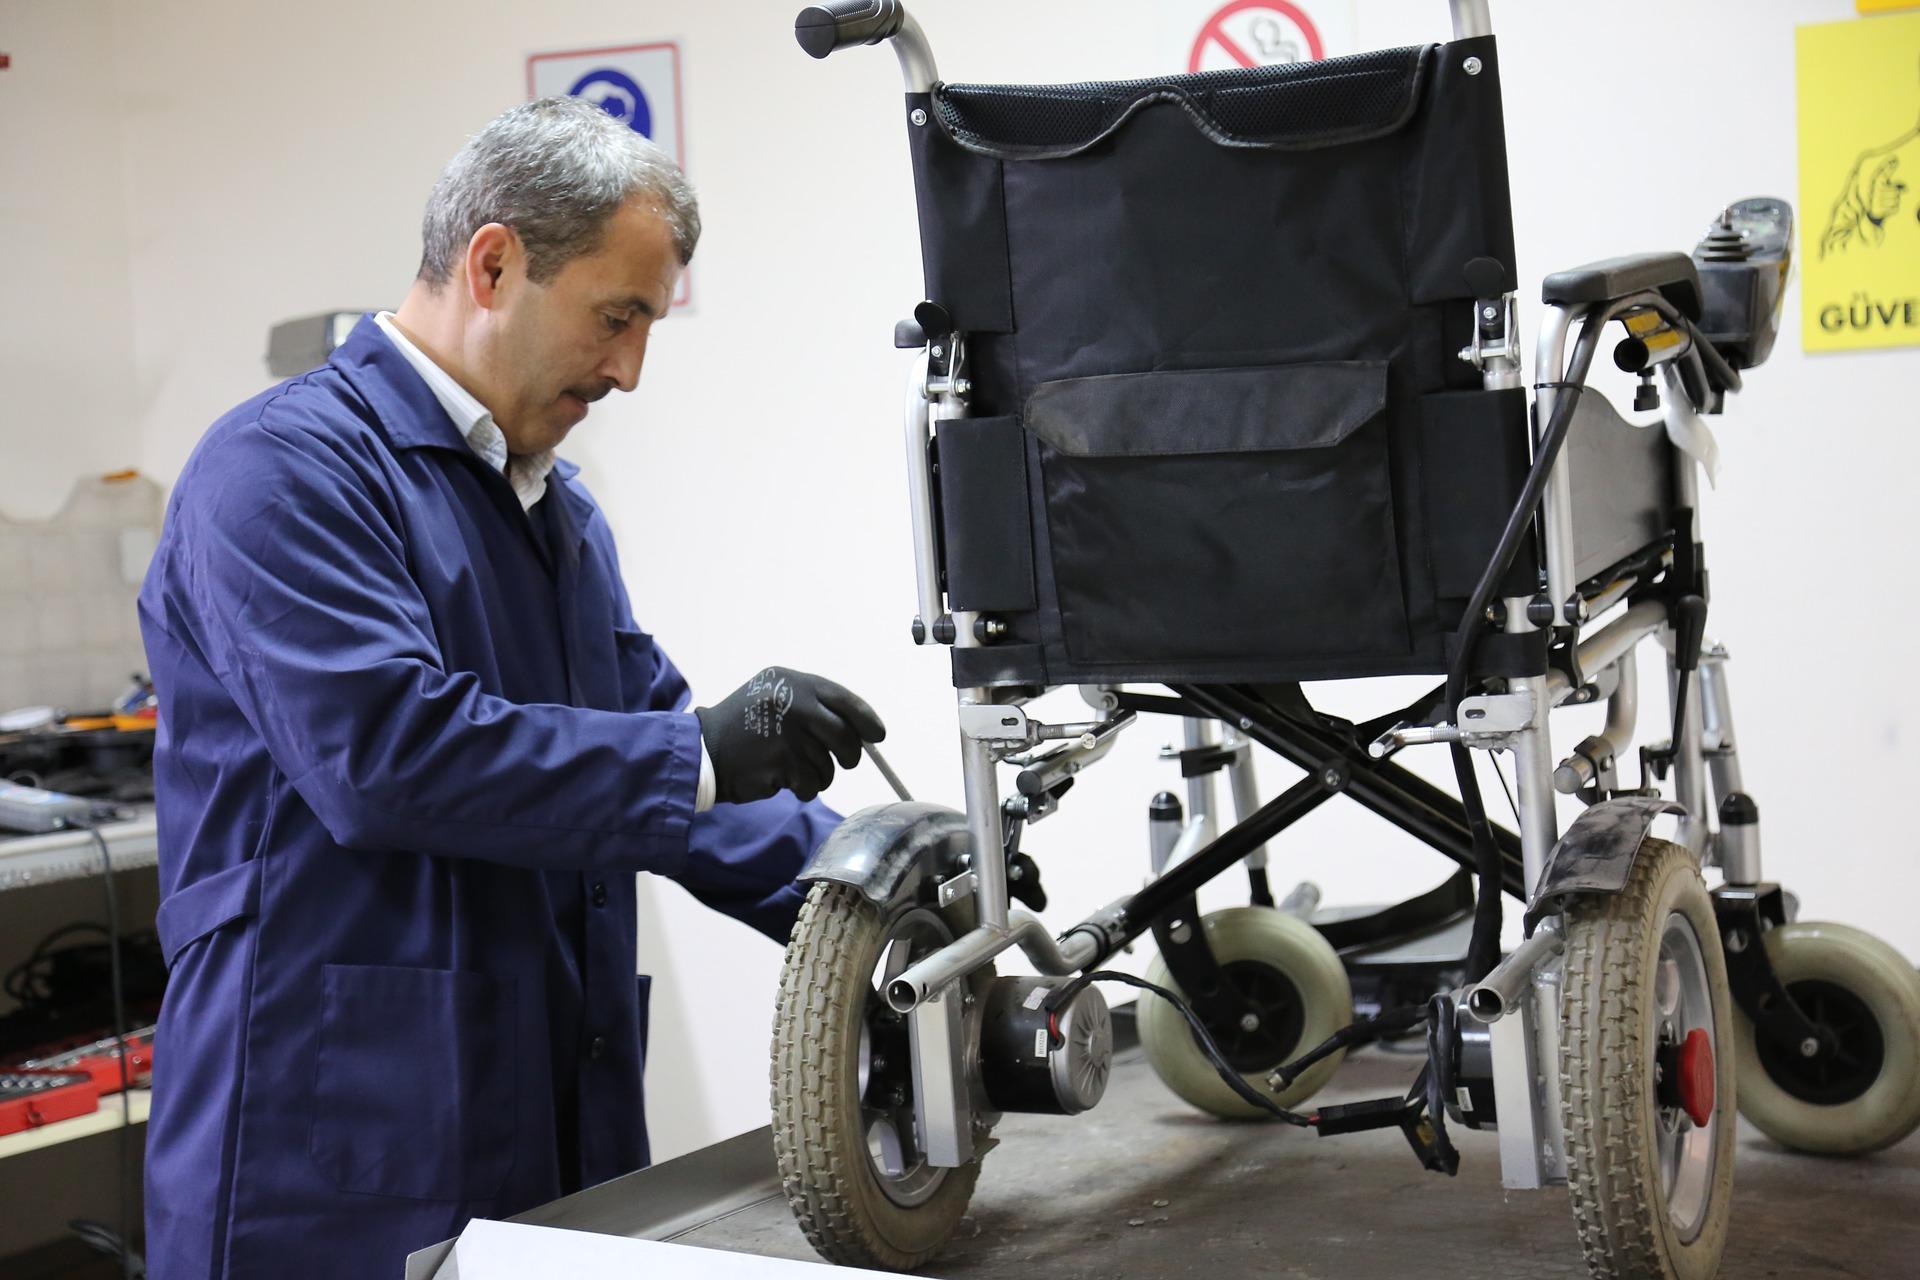 Praca w życiu osób z niepełnosprawnością